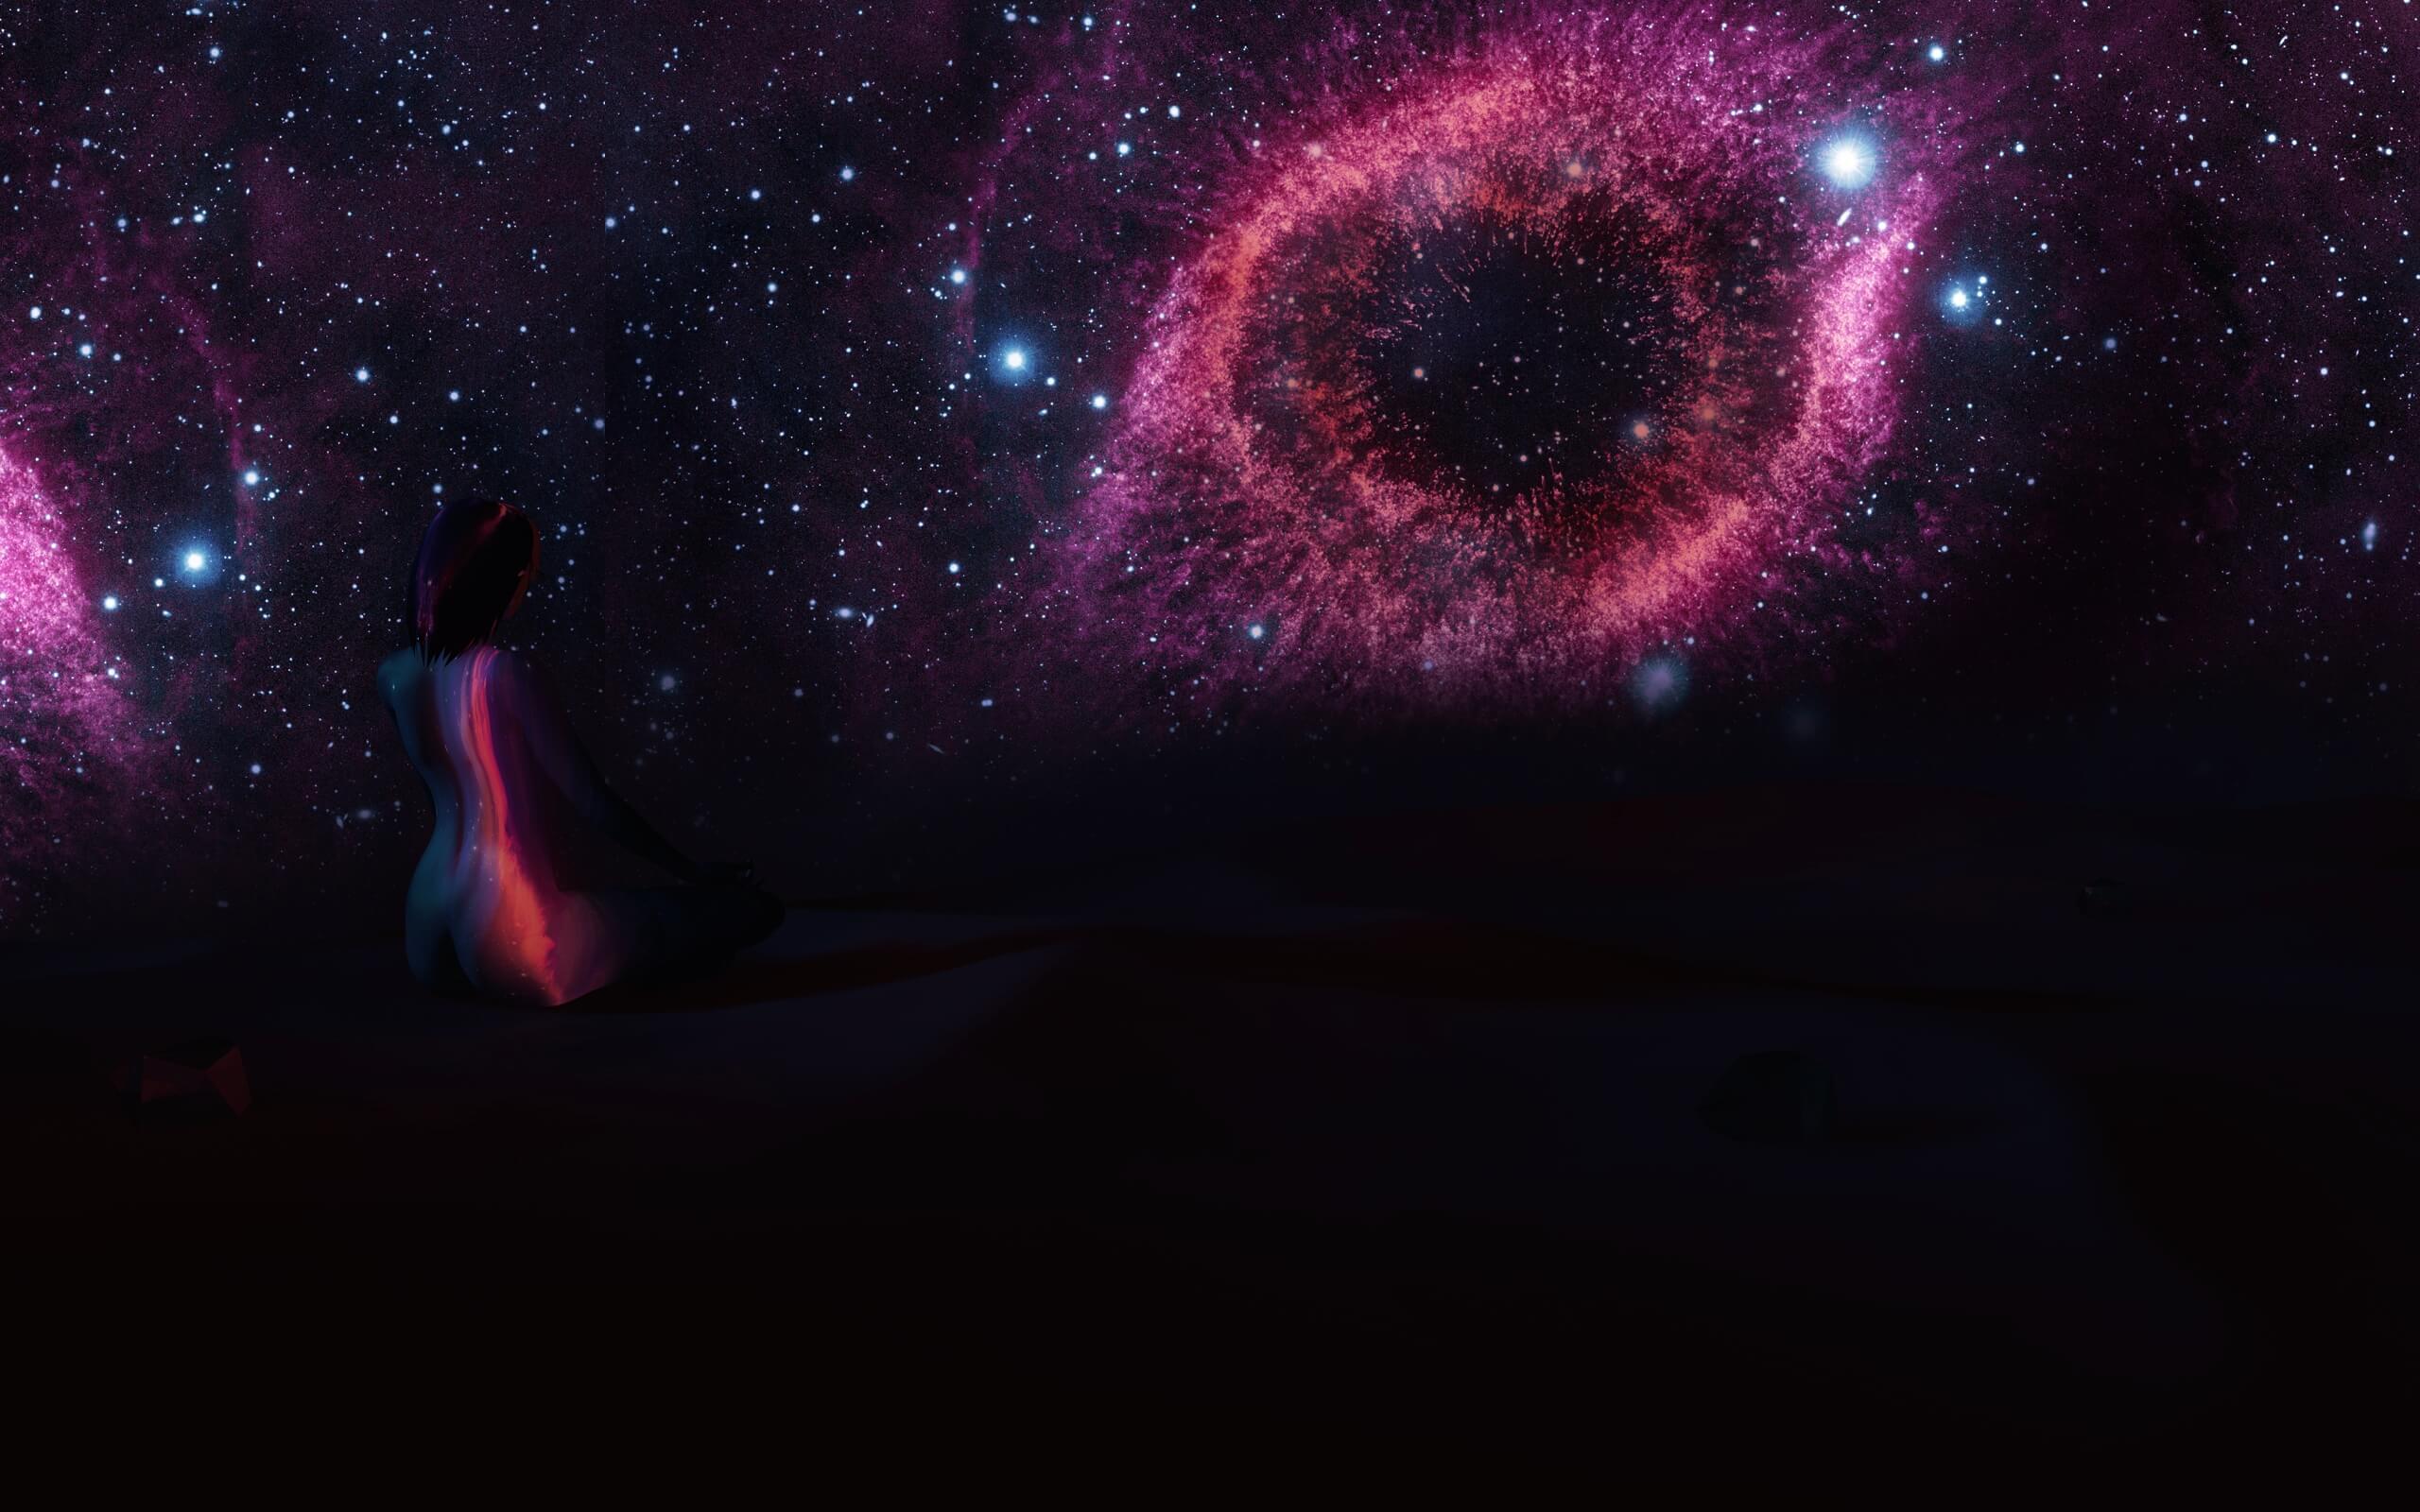 Infinite dreamer